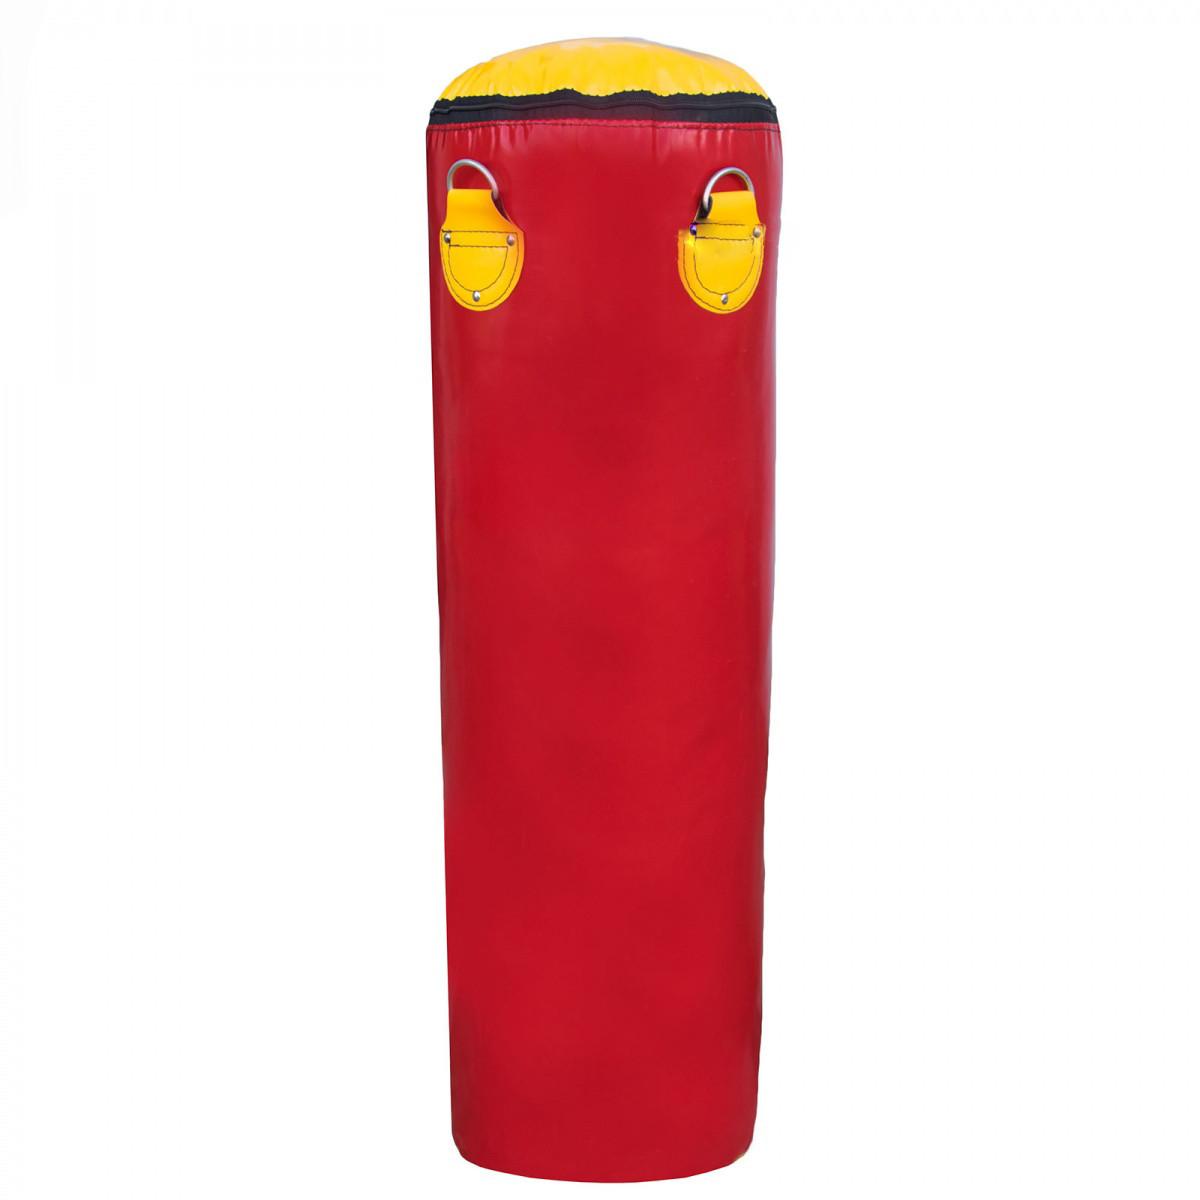 Боксерська груша для боксу (боксерський мішок) ПВХ OSPORT Lite 1.2 м (OF-0051) Червона